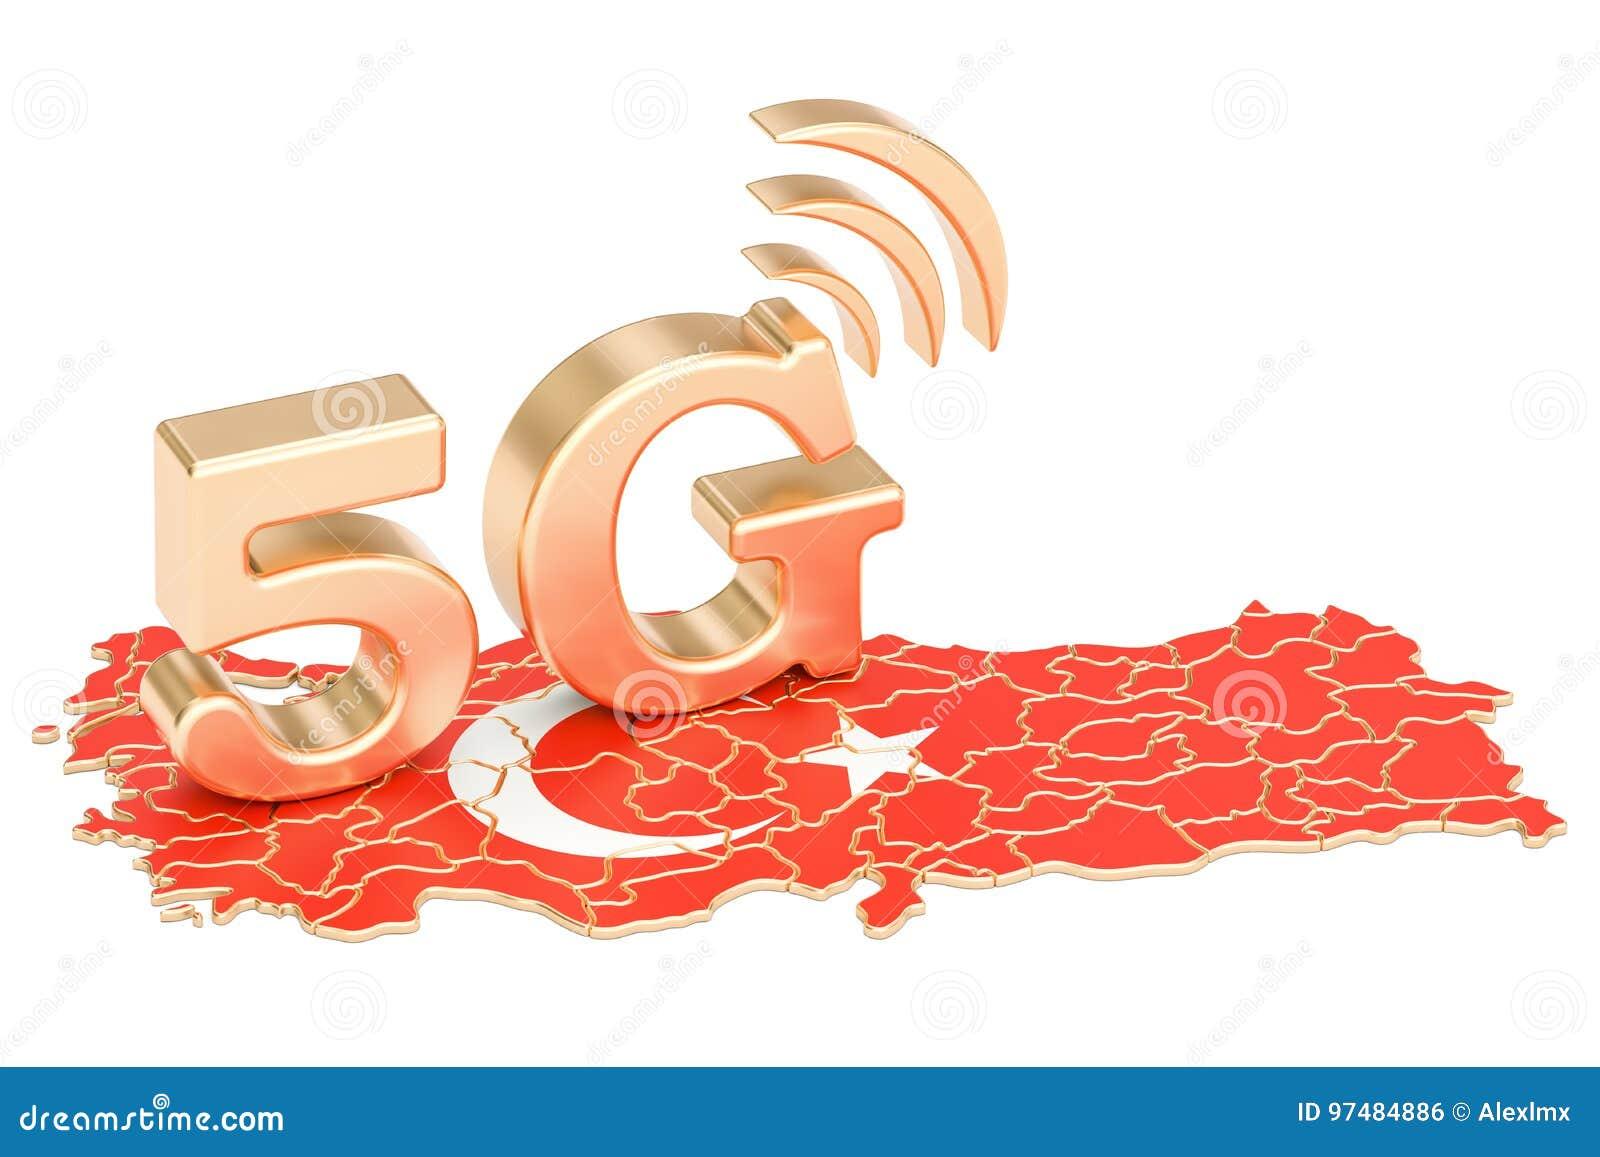 5G nel concetto della Turchia, rappresentazione 3D